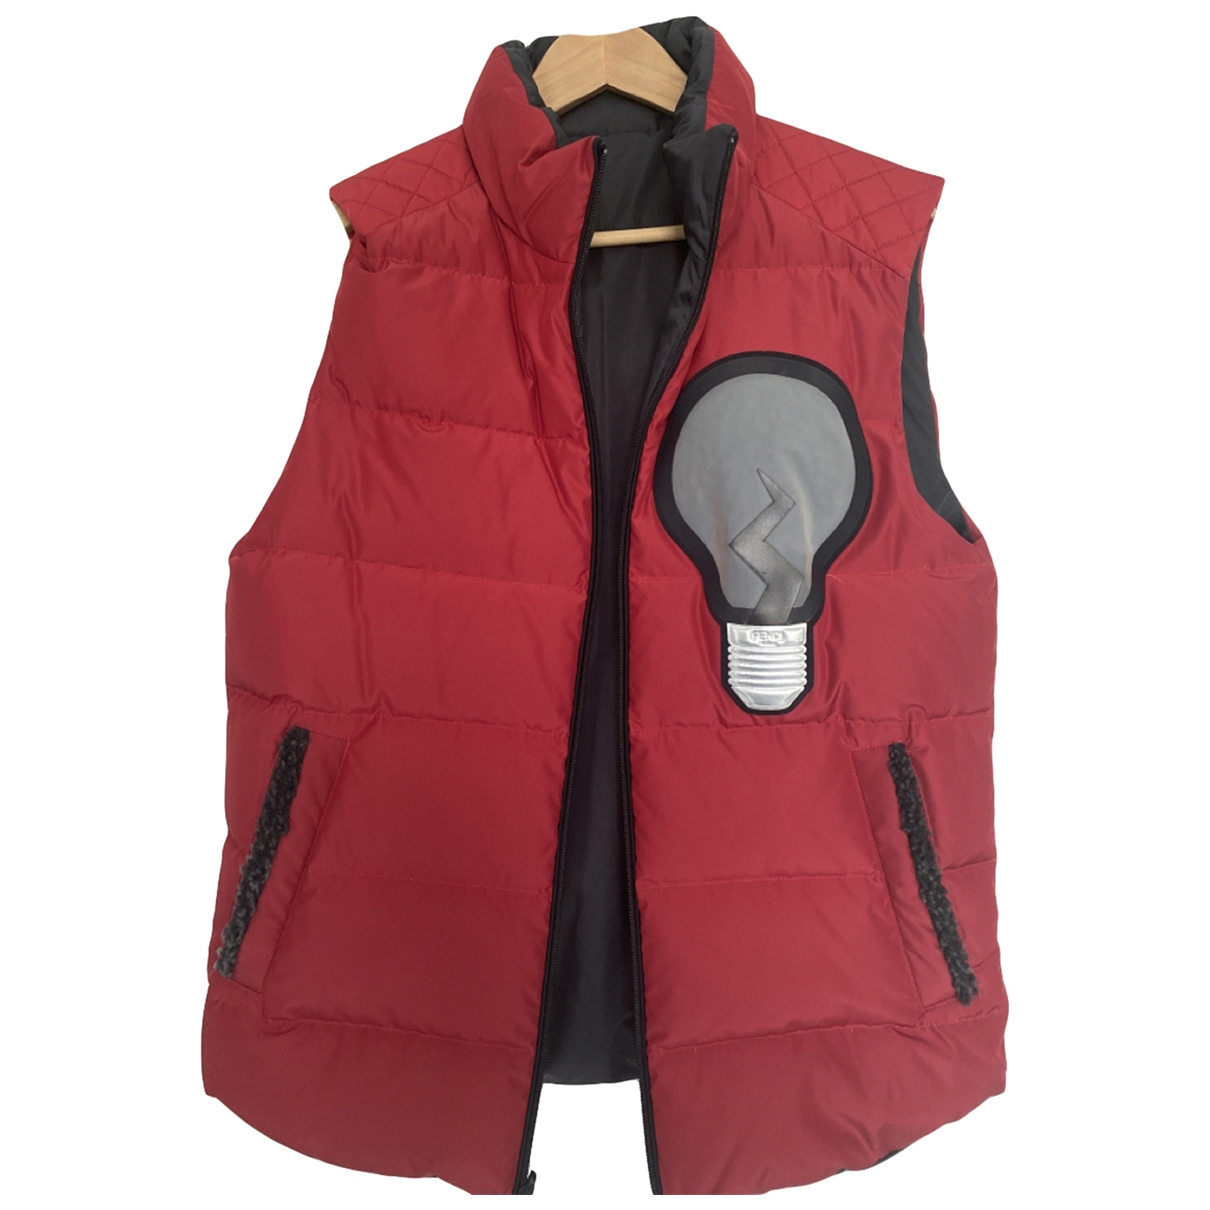 Fendi \N Red jacket  for Men L International